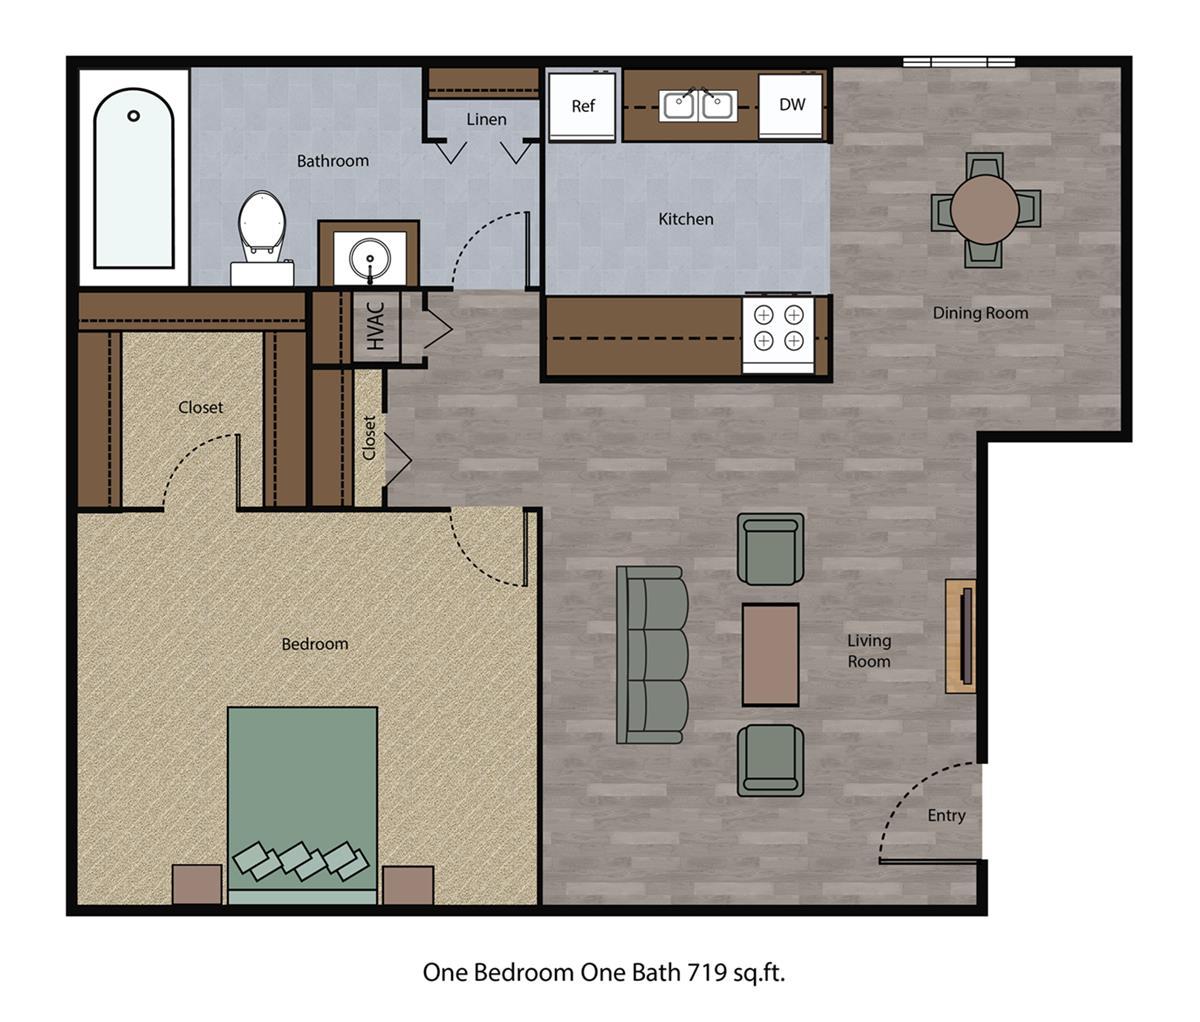 719 sq. ft. floor plan